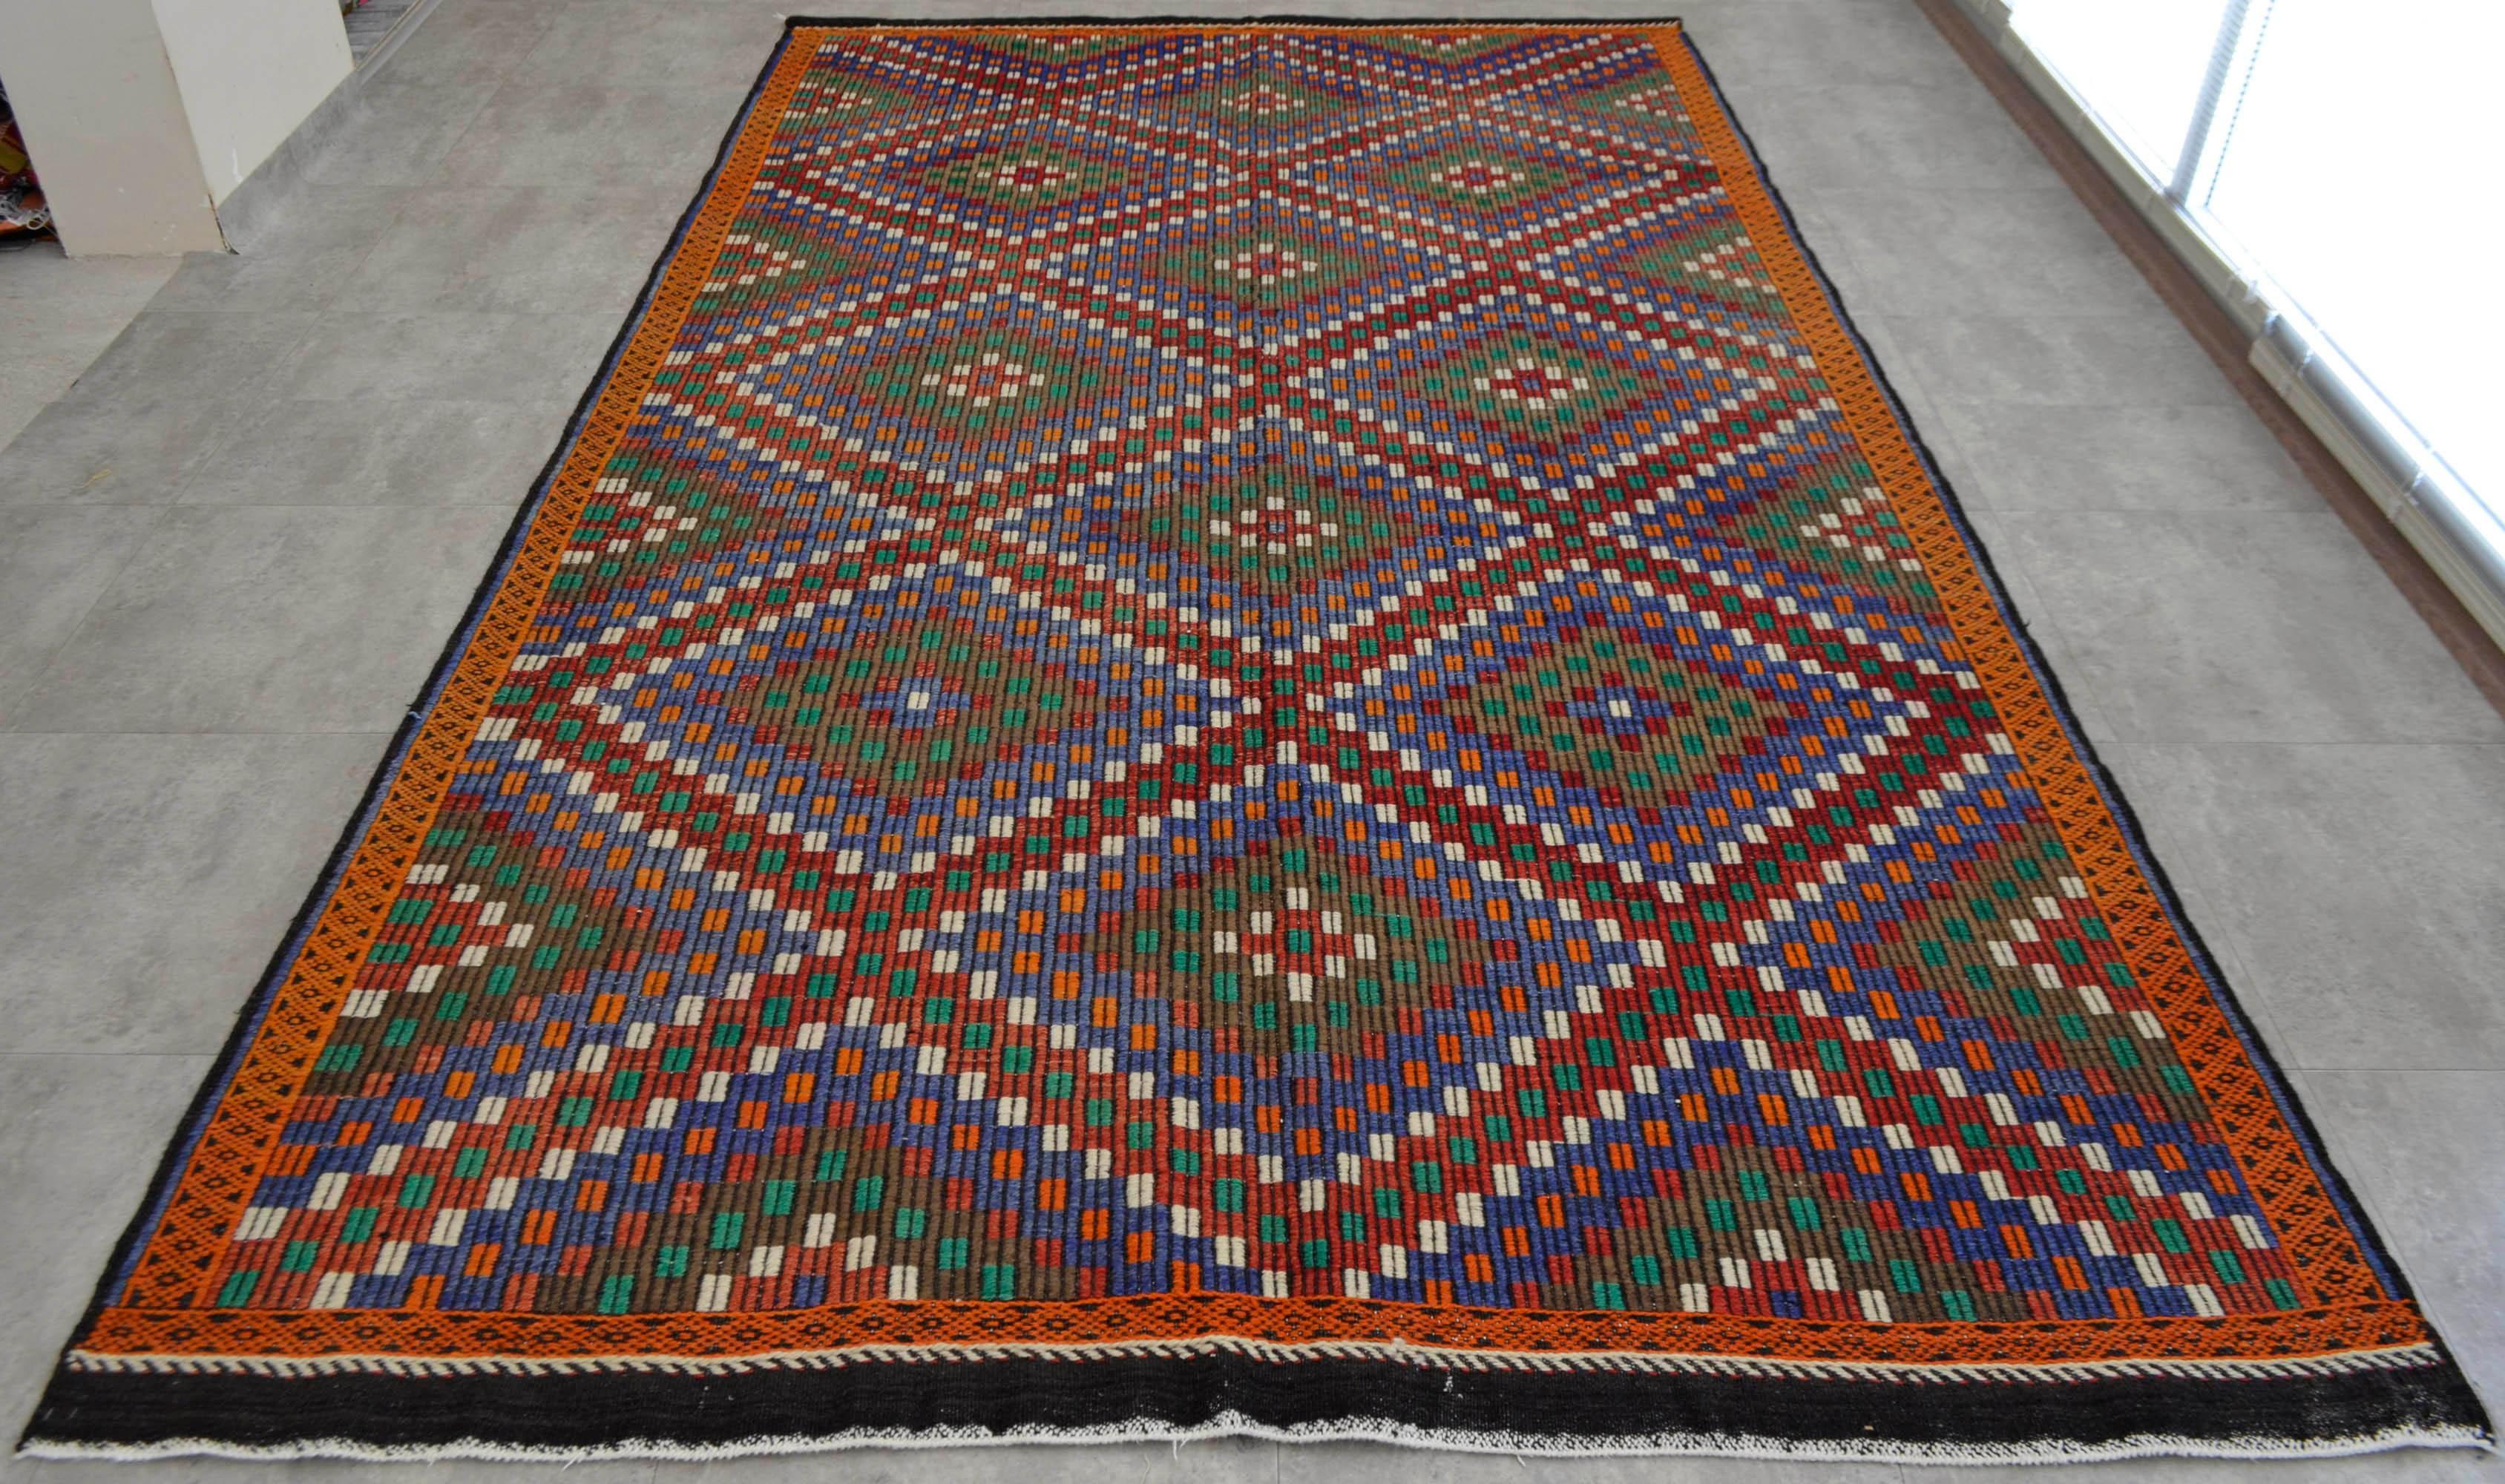 Handwoven Turkish Anatolia Kilim Rug 6 5 X 10 9 Chairish